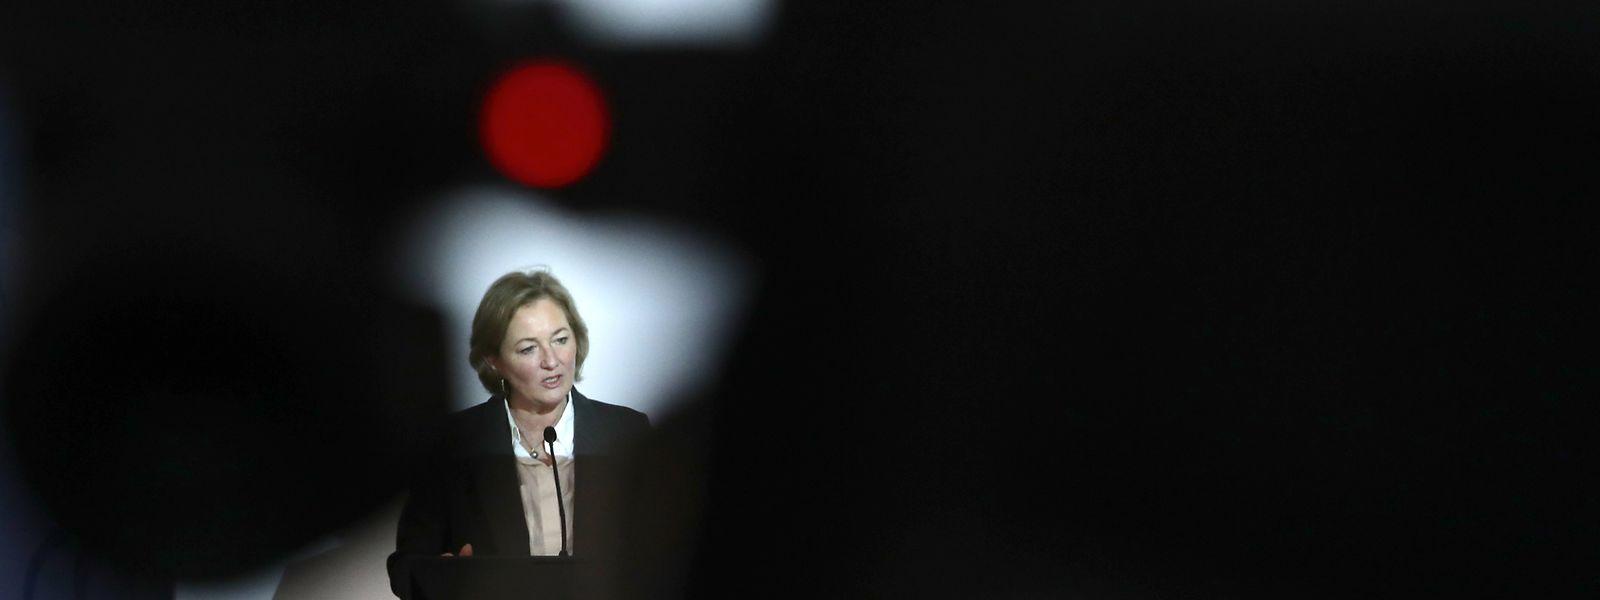 La ministre de la Santé, Paulette Lenert, a pris ses nouvelles fonctions début février et s'est rapidement retrouvée face à un difficile exercice de communication